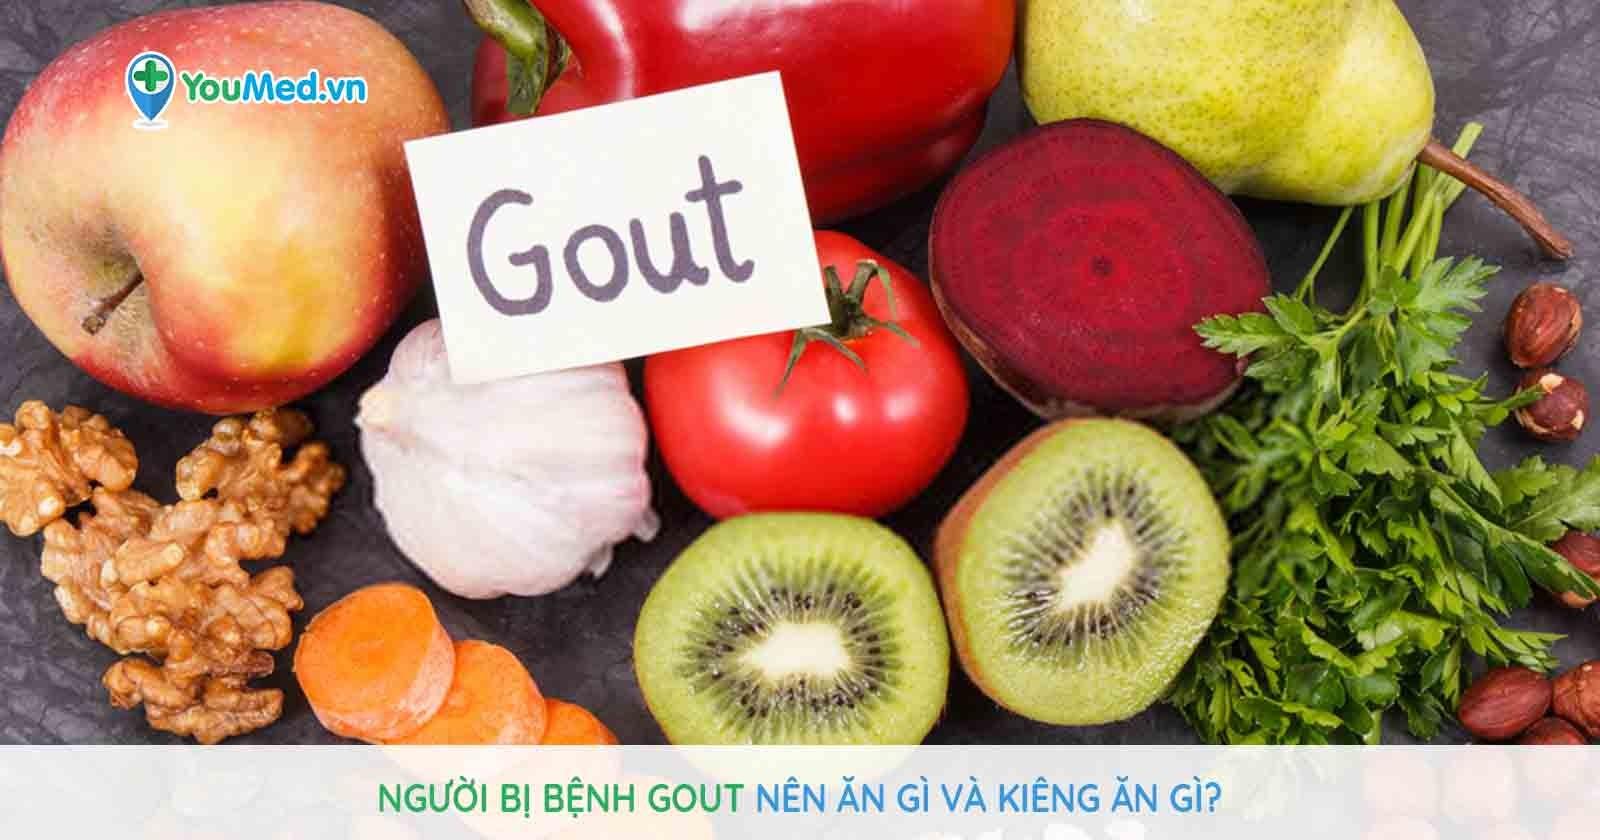 Người bị bệnh gout nên ăn gì và tránh ăn gì?